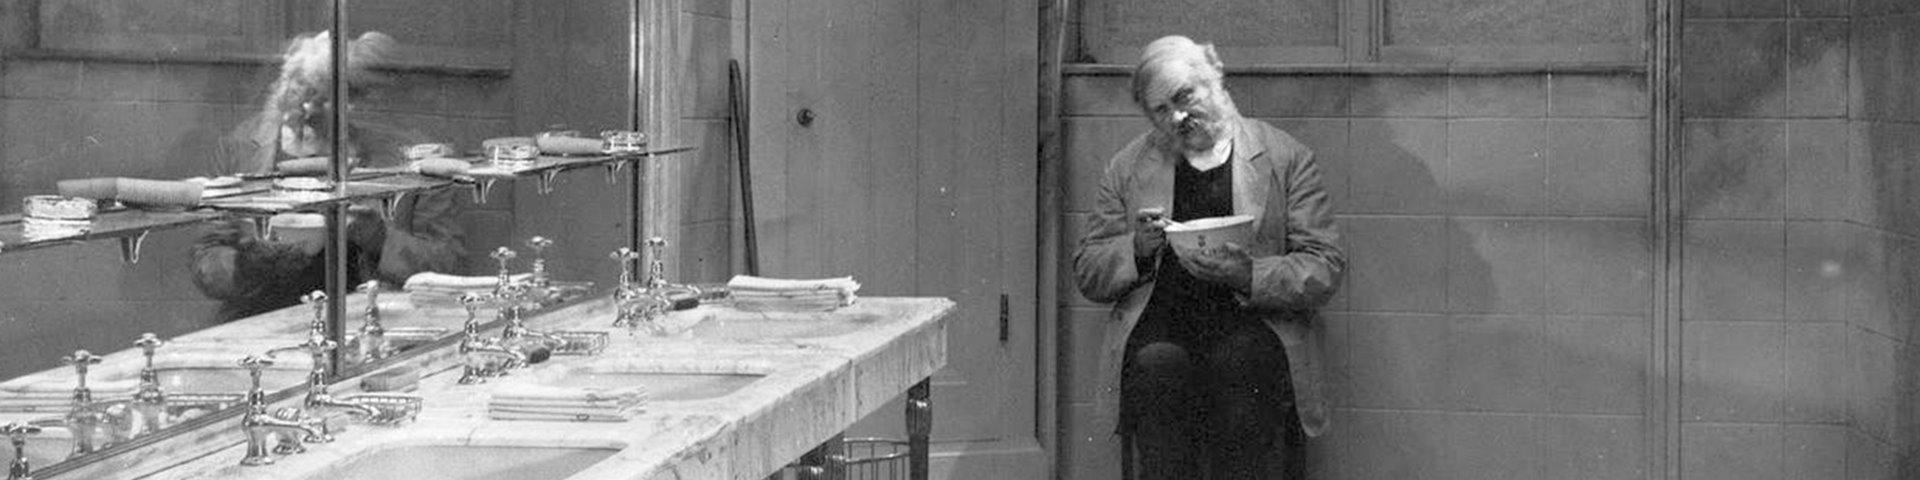 """""""The Last Laugh"""" (1924) by F. W. Murnau"""